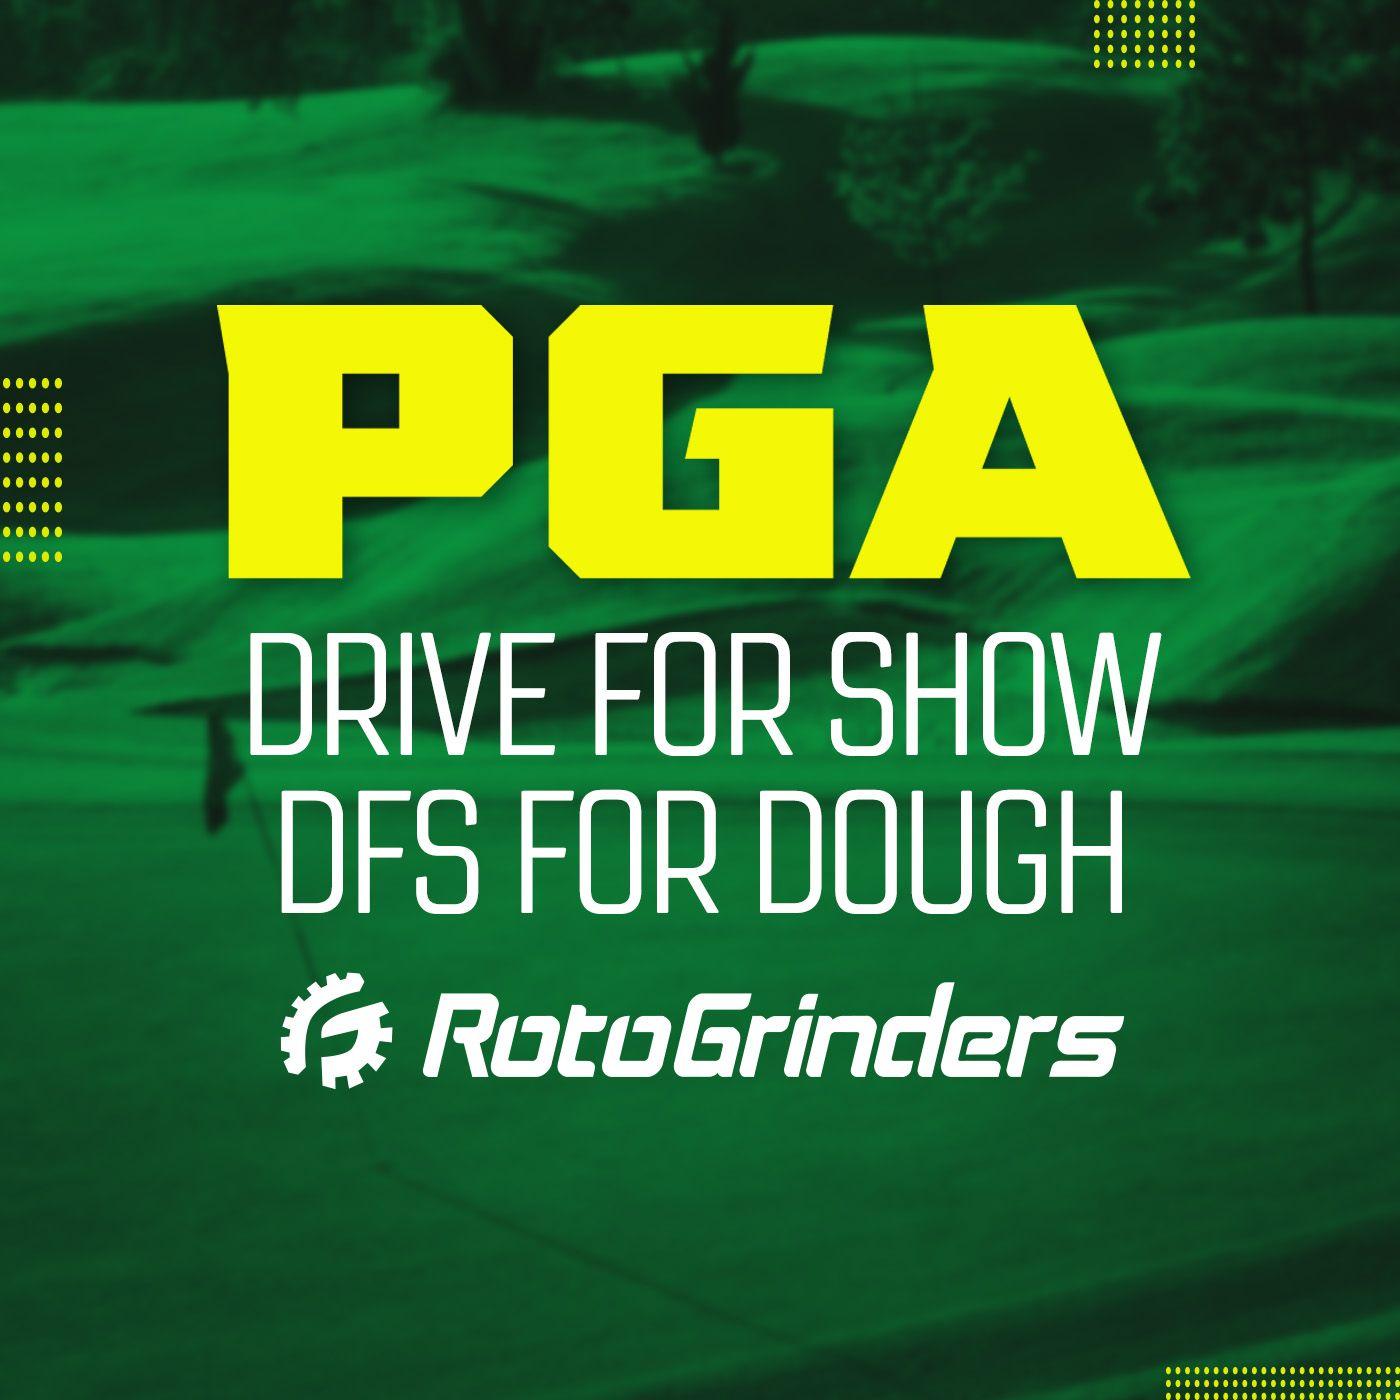 PGA Drive for Show, DFS for Dough: The Honda Classic